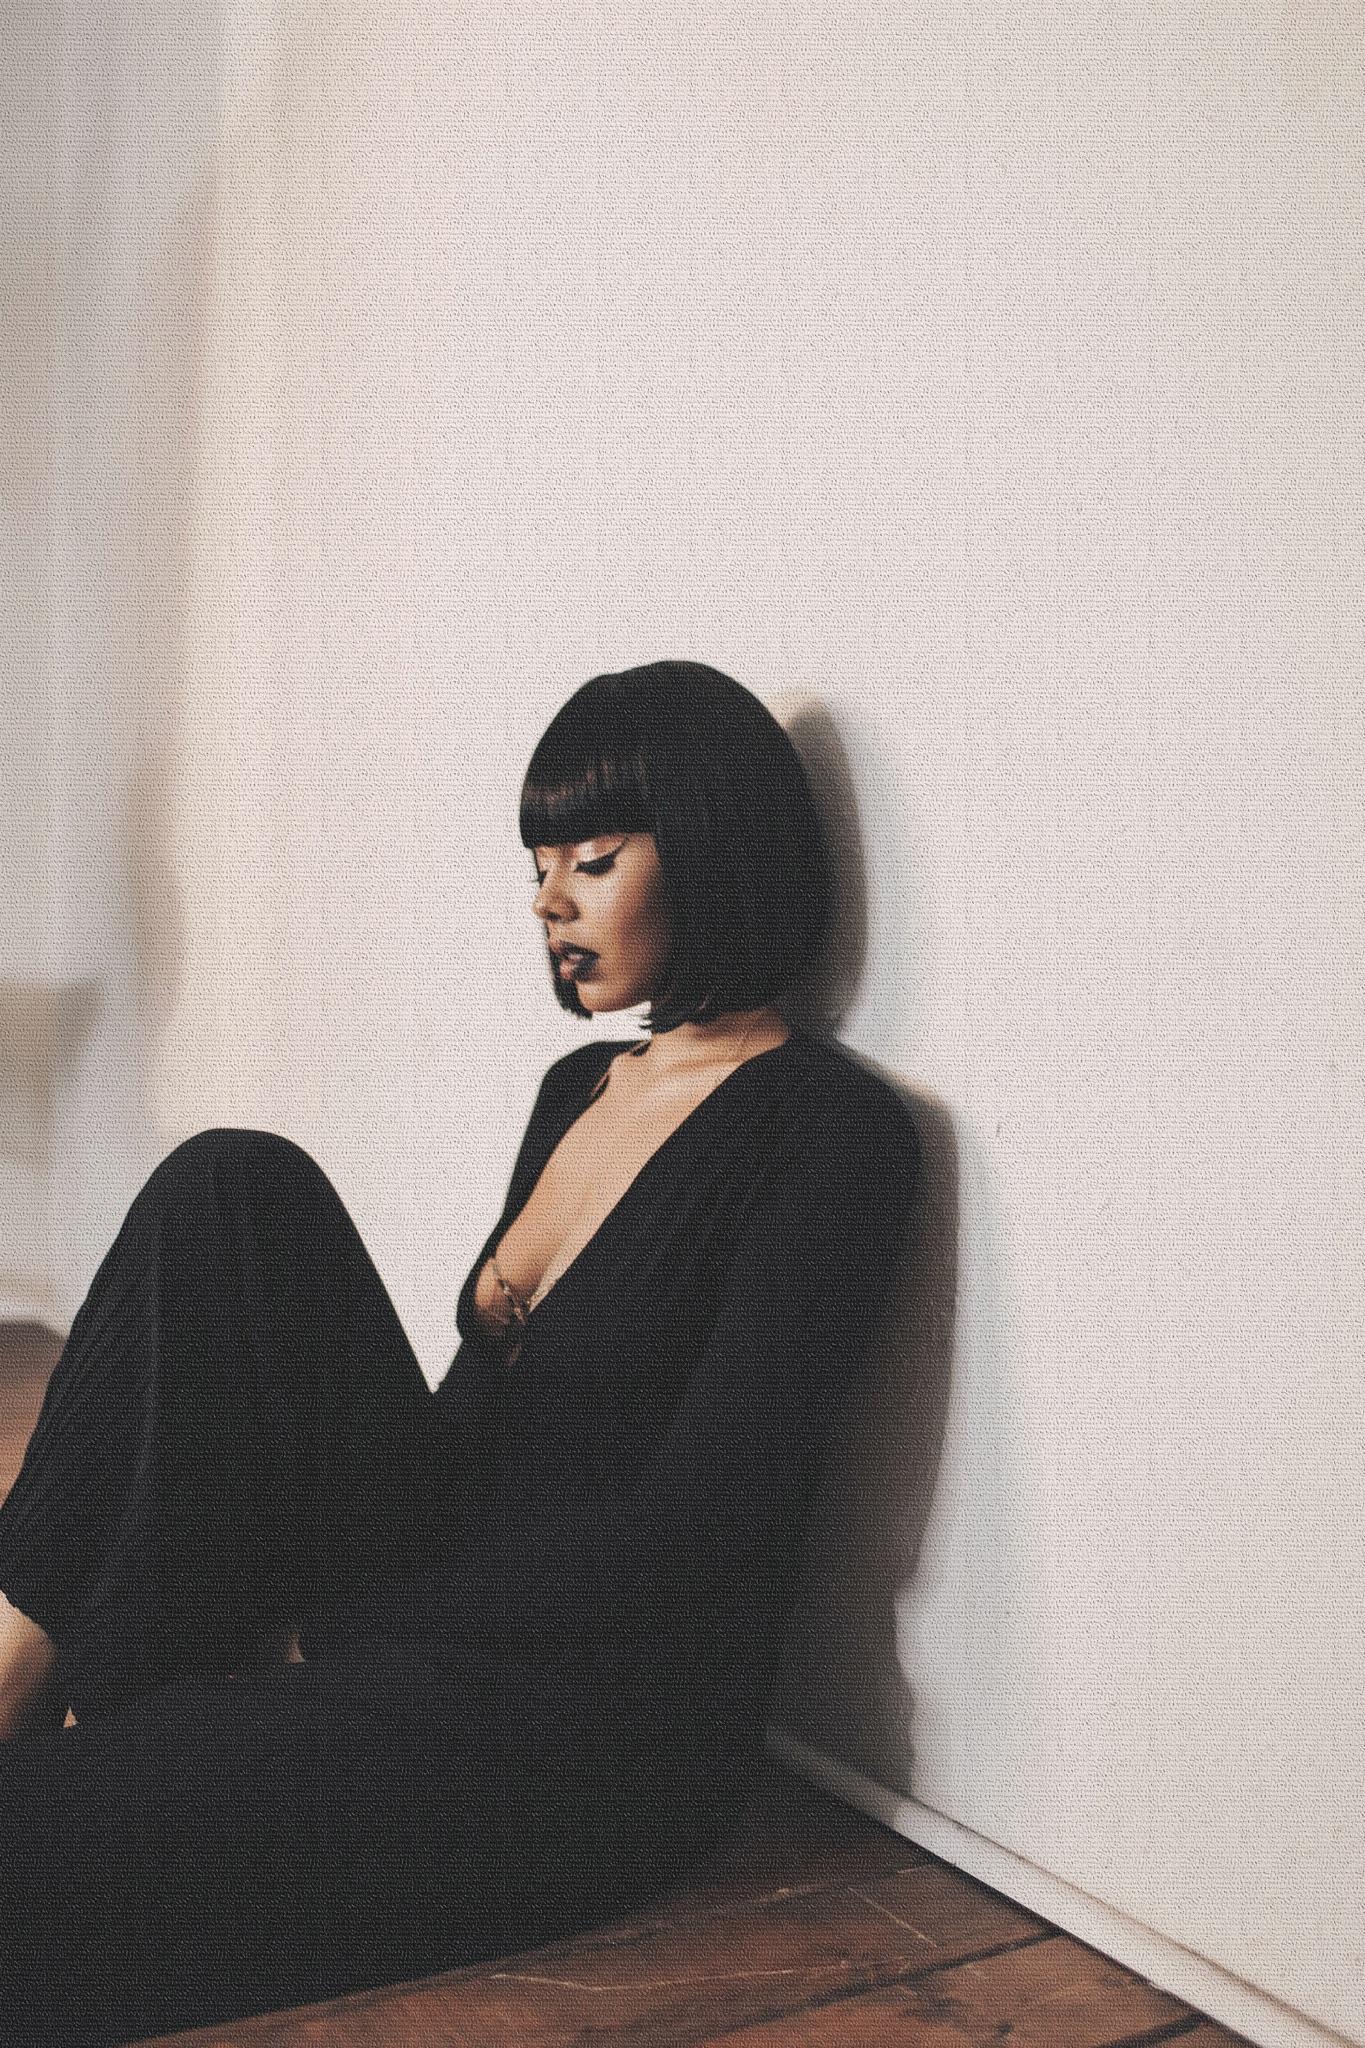 Model: Reyna Biddy